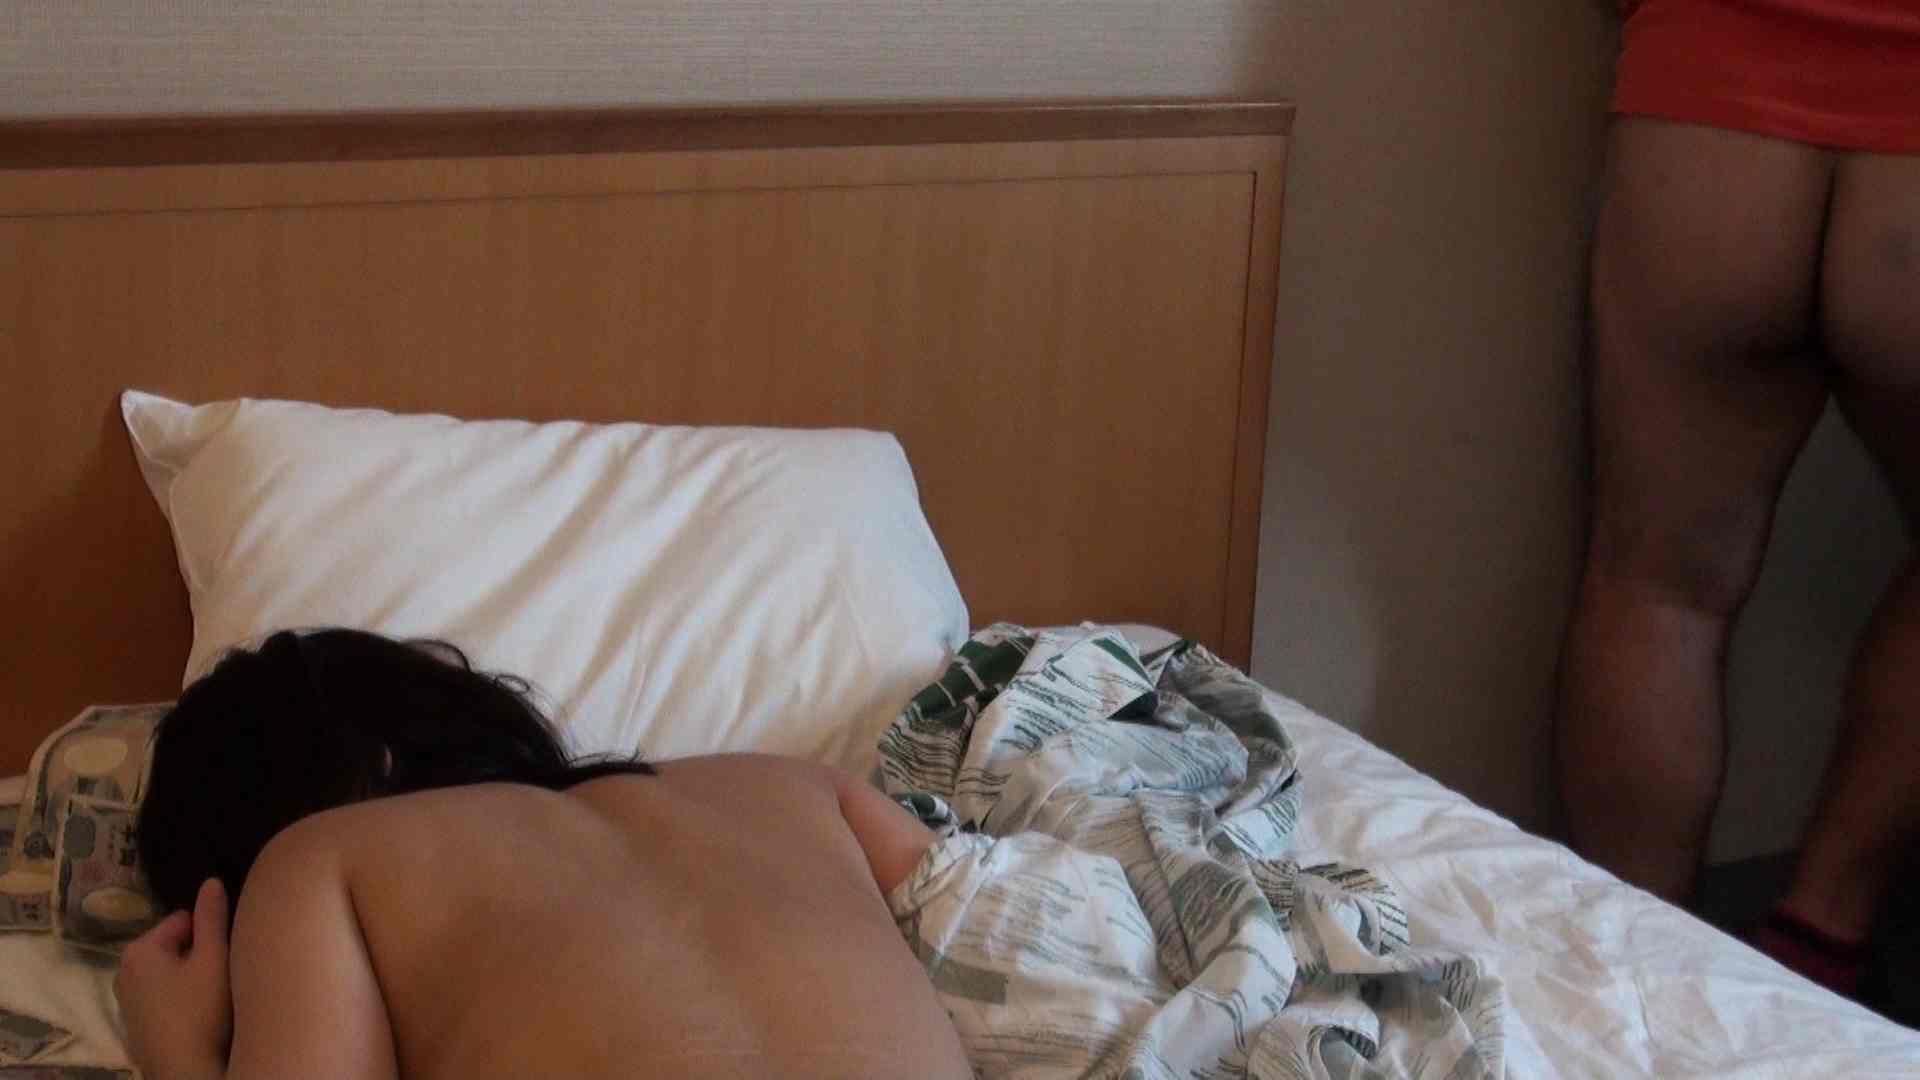 vol.12 留華ちゃん背中が性感帯ですね。 OL裸体 | 顔出しNG一般女性  87画像 2